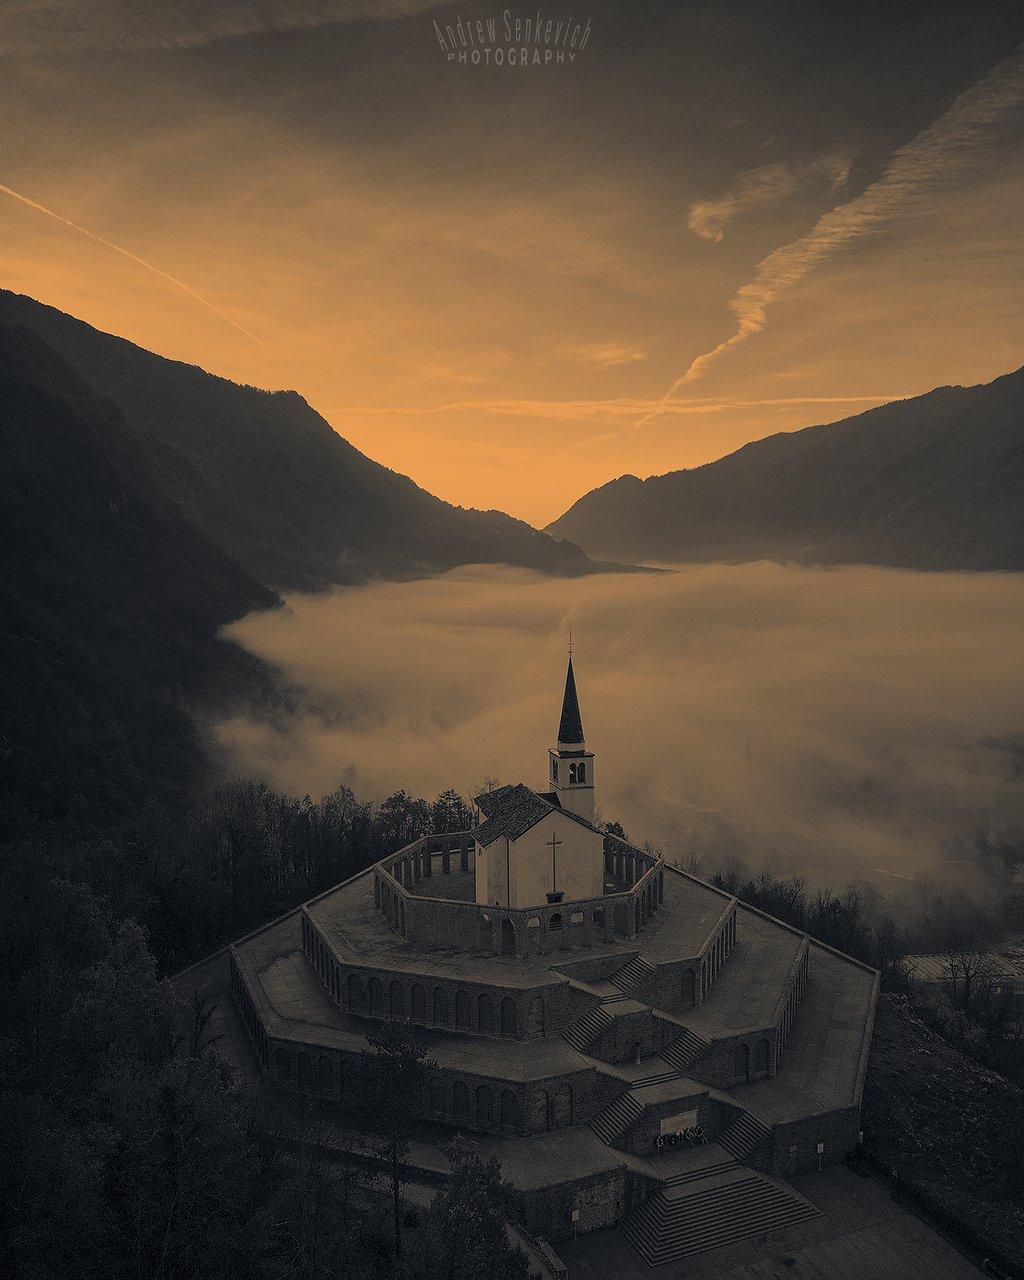 slovenia, mist, autumn, sunrise, fog, Сенкевич Андрей